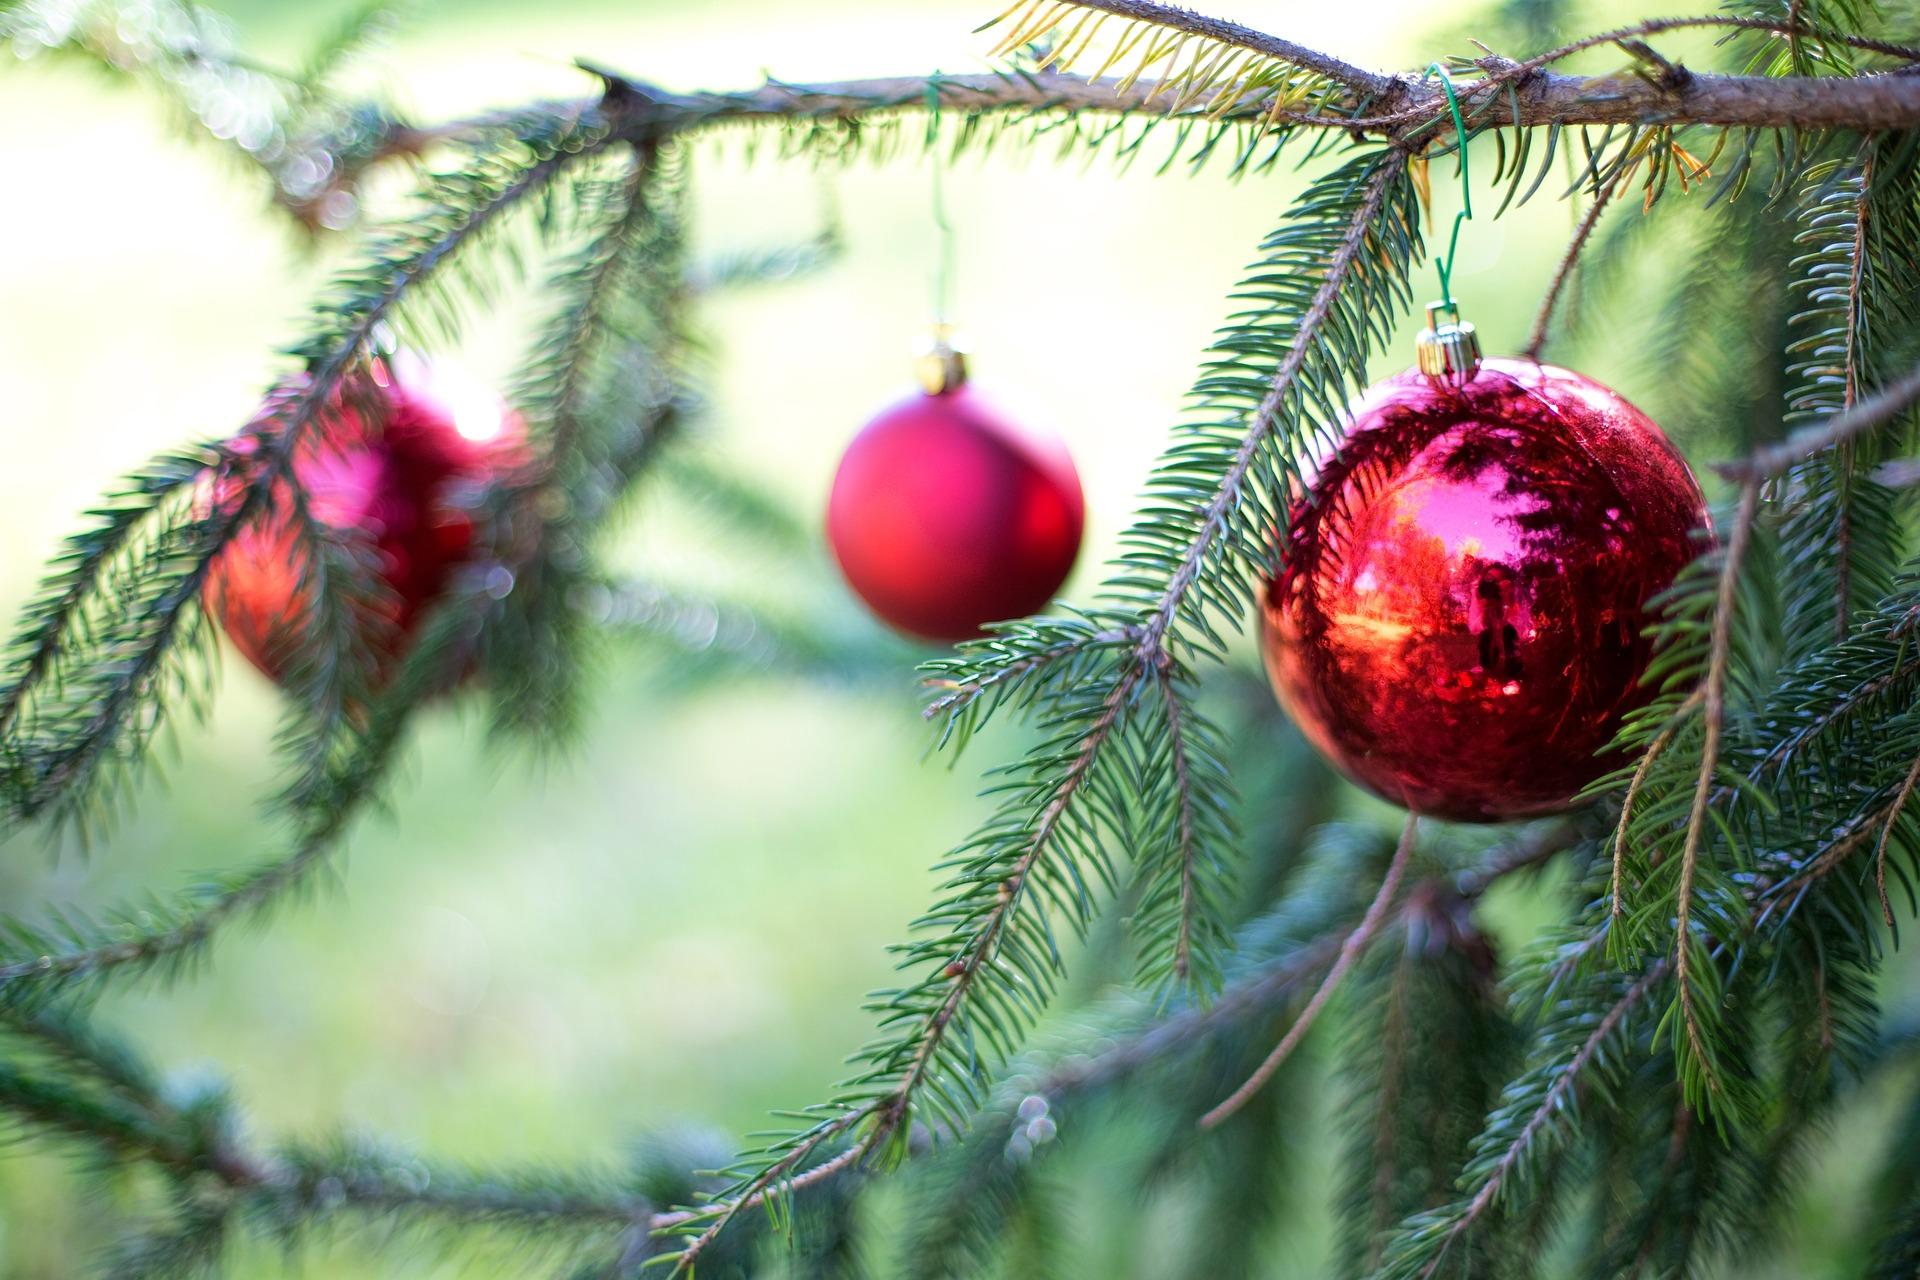 christmas-bulbs-2957820_1920